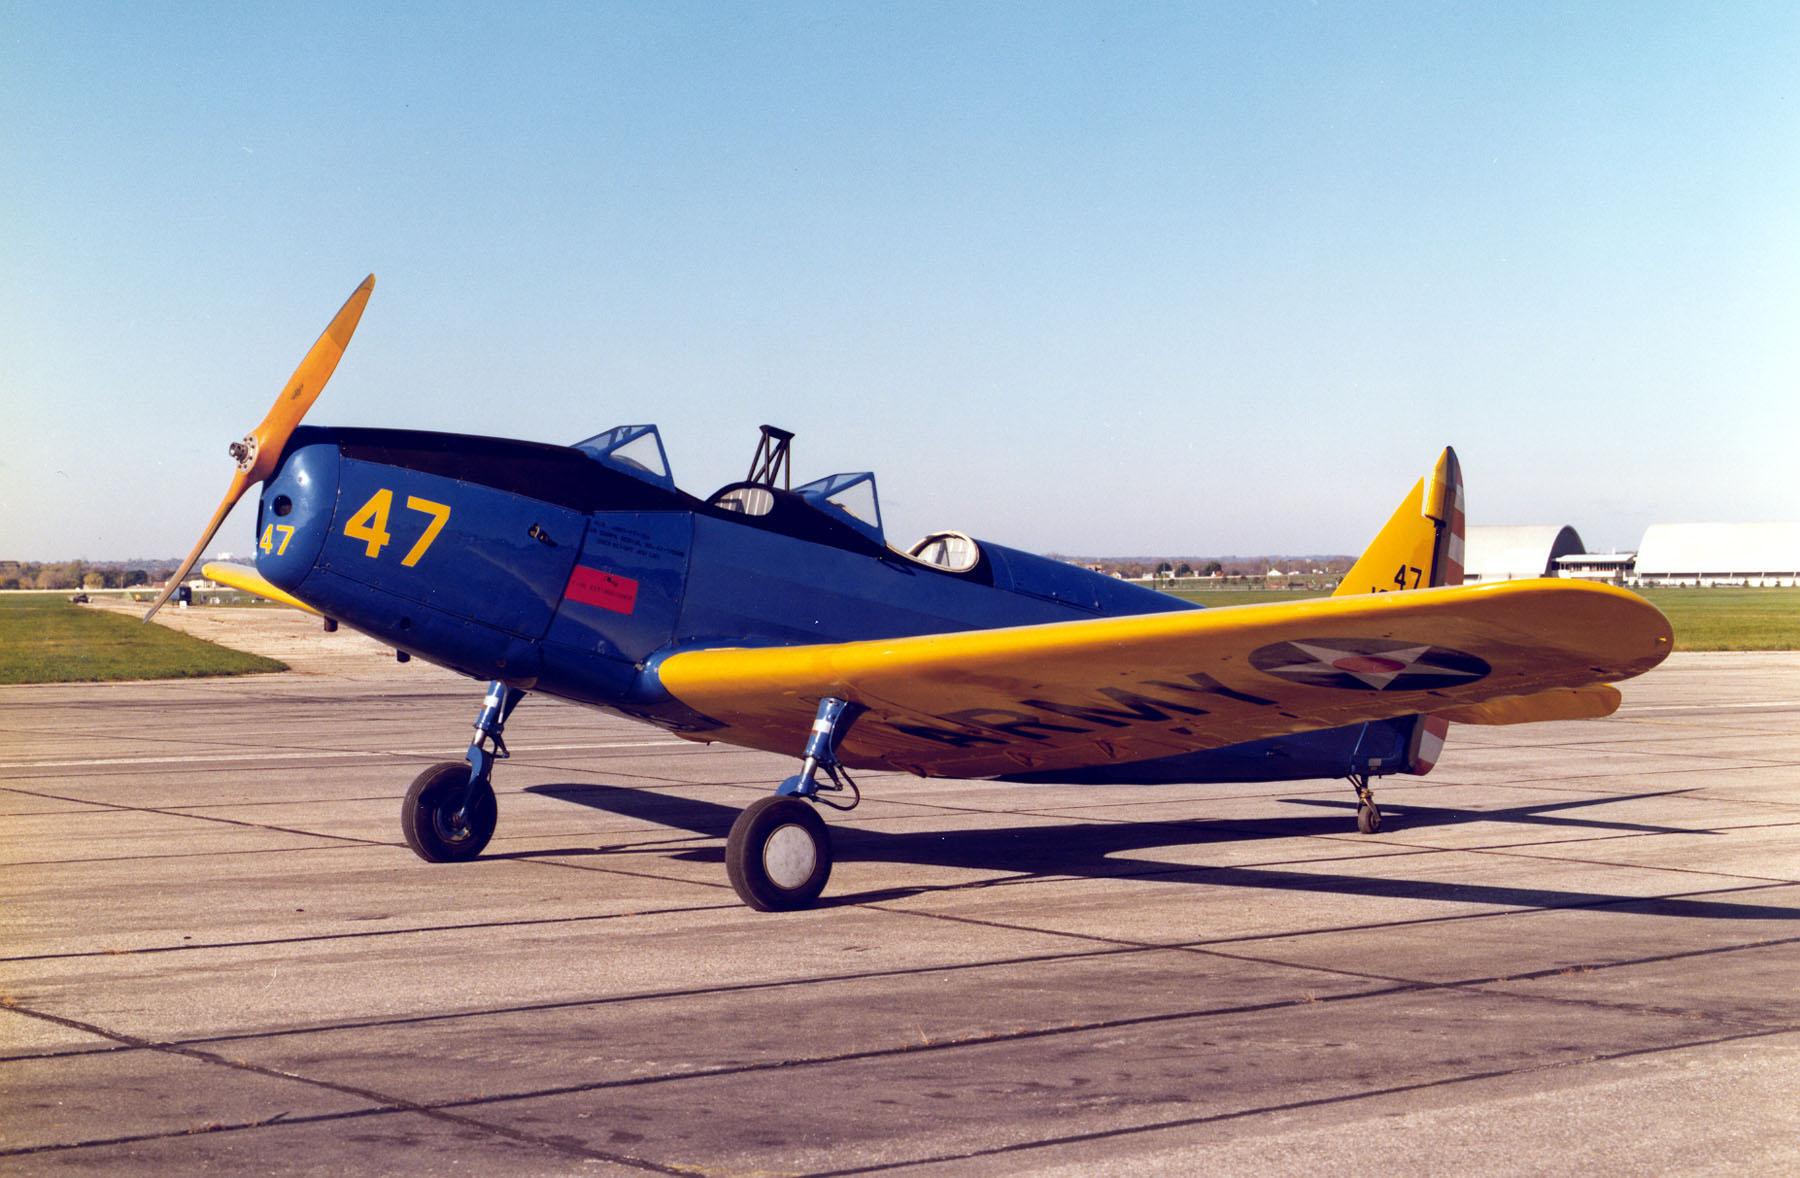 Fairchild PT-19 - Wikipedia